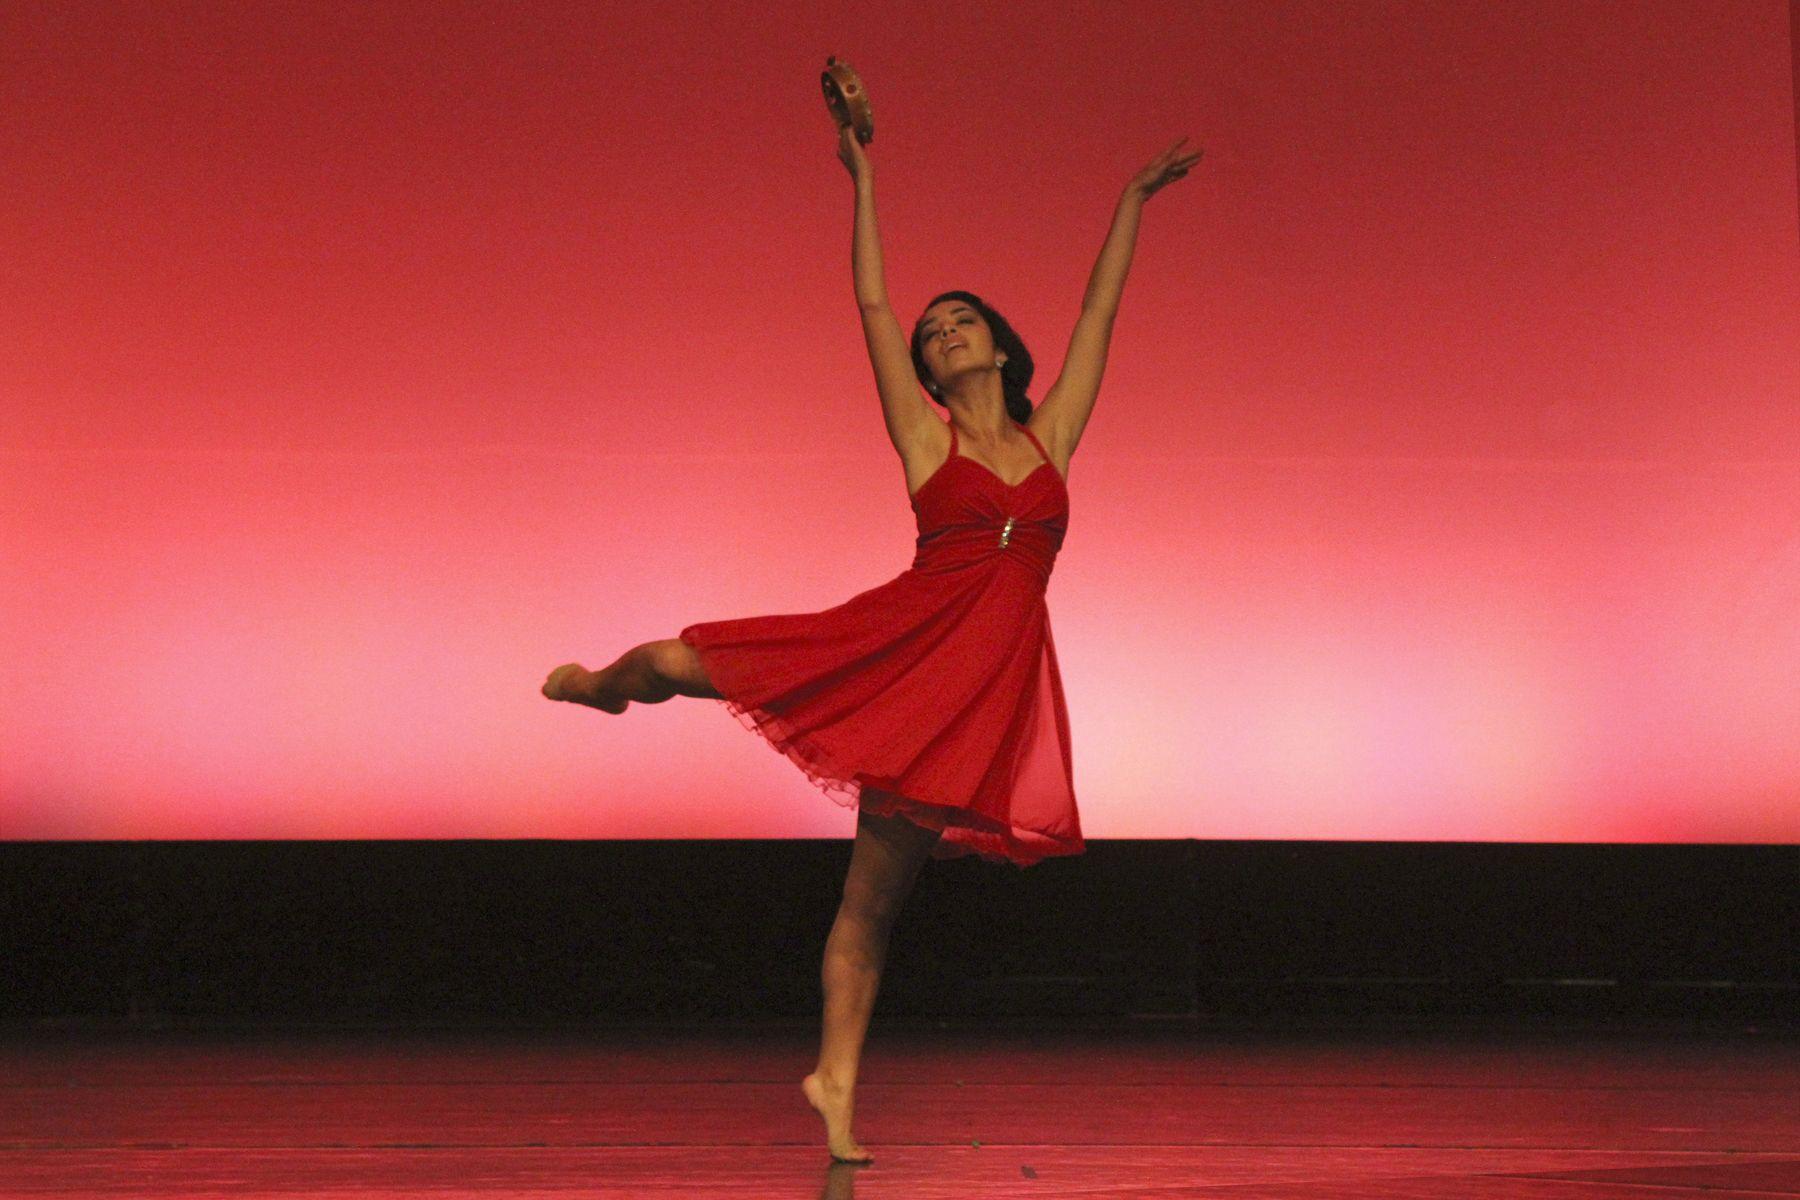 Contemporary Dance Jumps Wallpaper | desktop | Pinterest ...